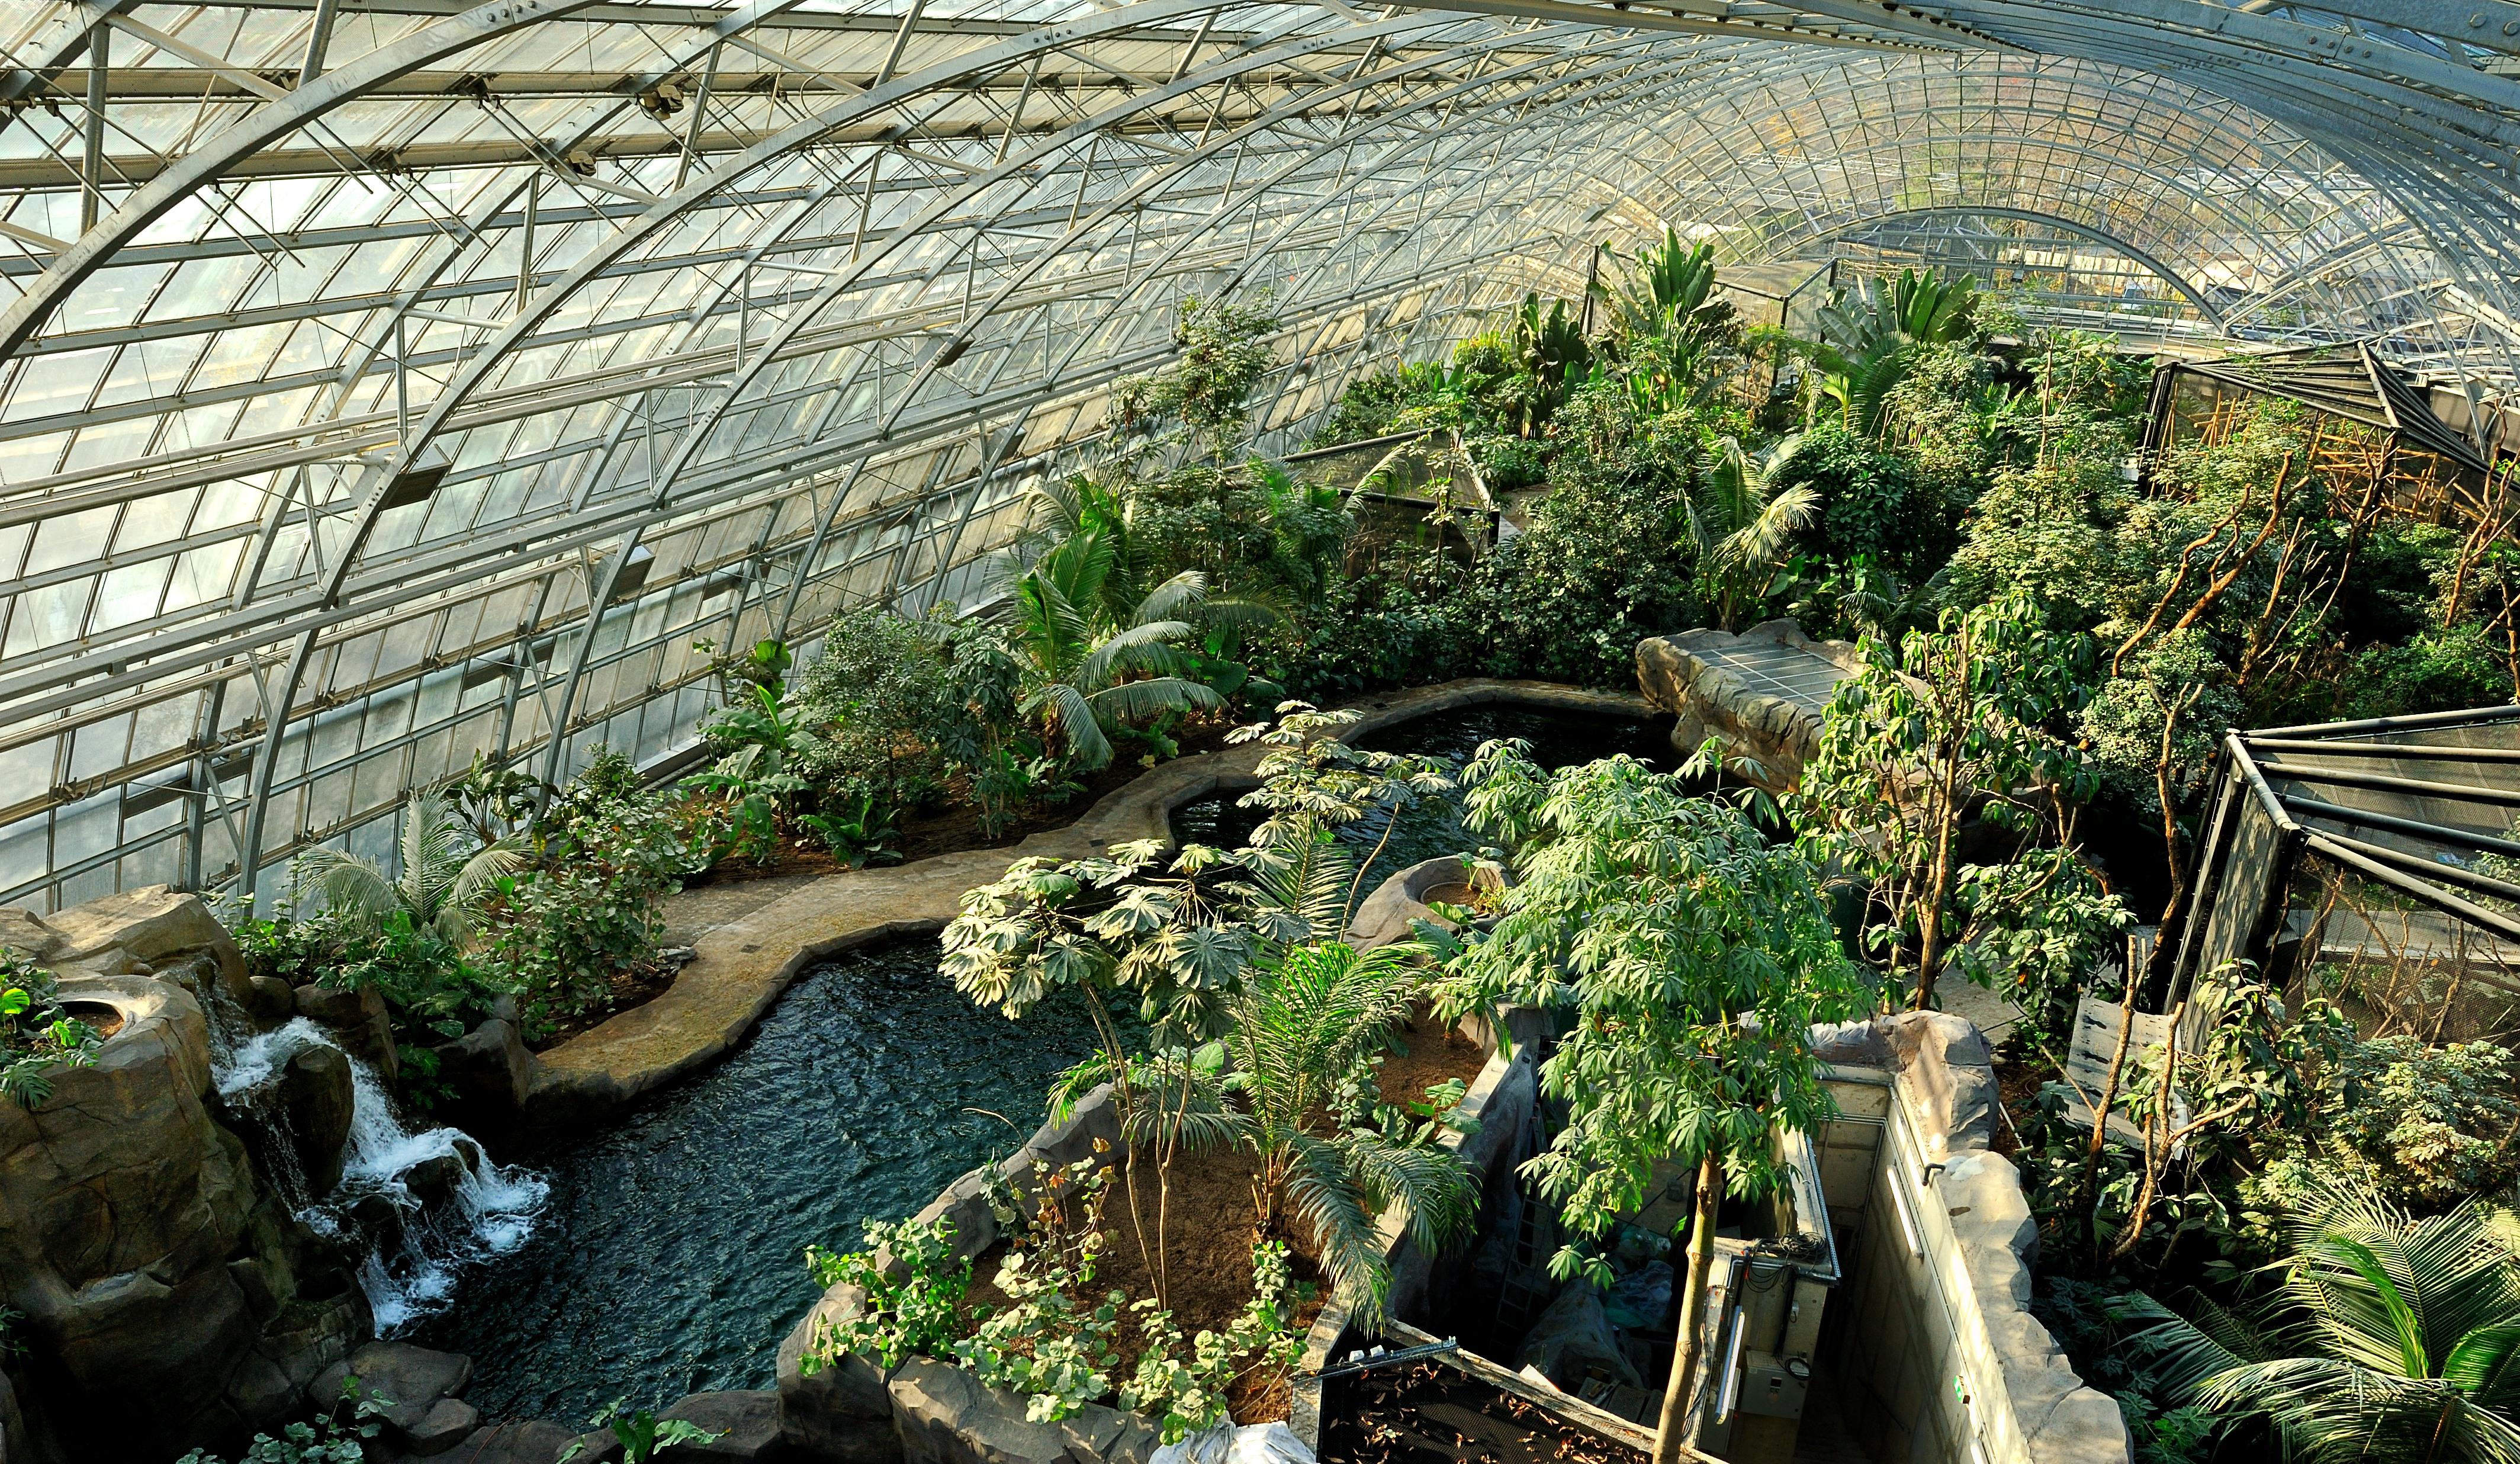 R ouverture du zoo de paris une strat gie bien rod e for Jardin animaux paris